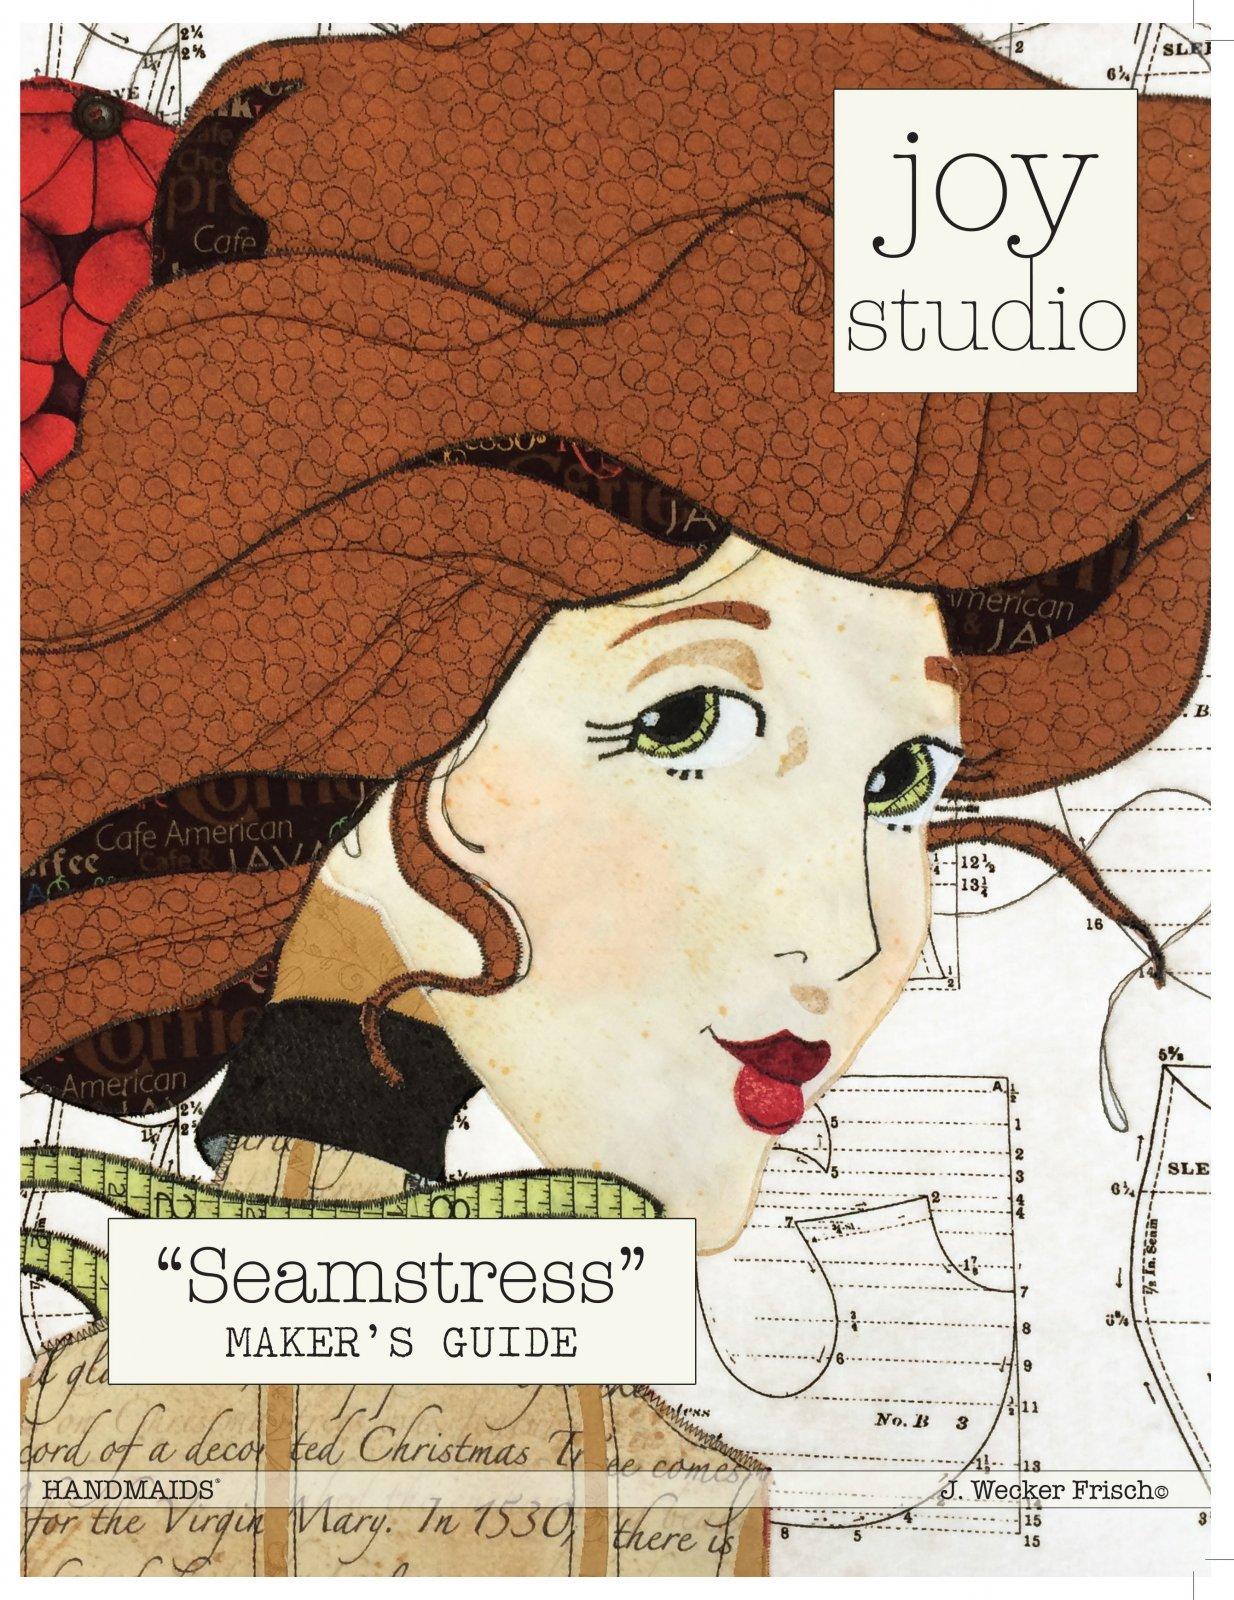 Seamstress Maker's Guide